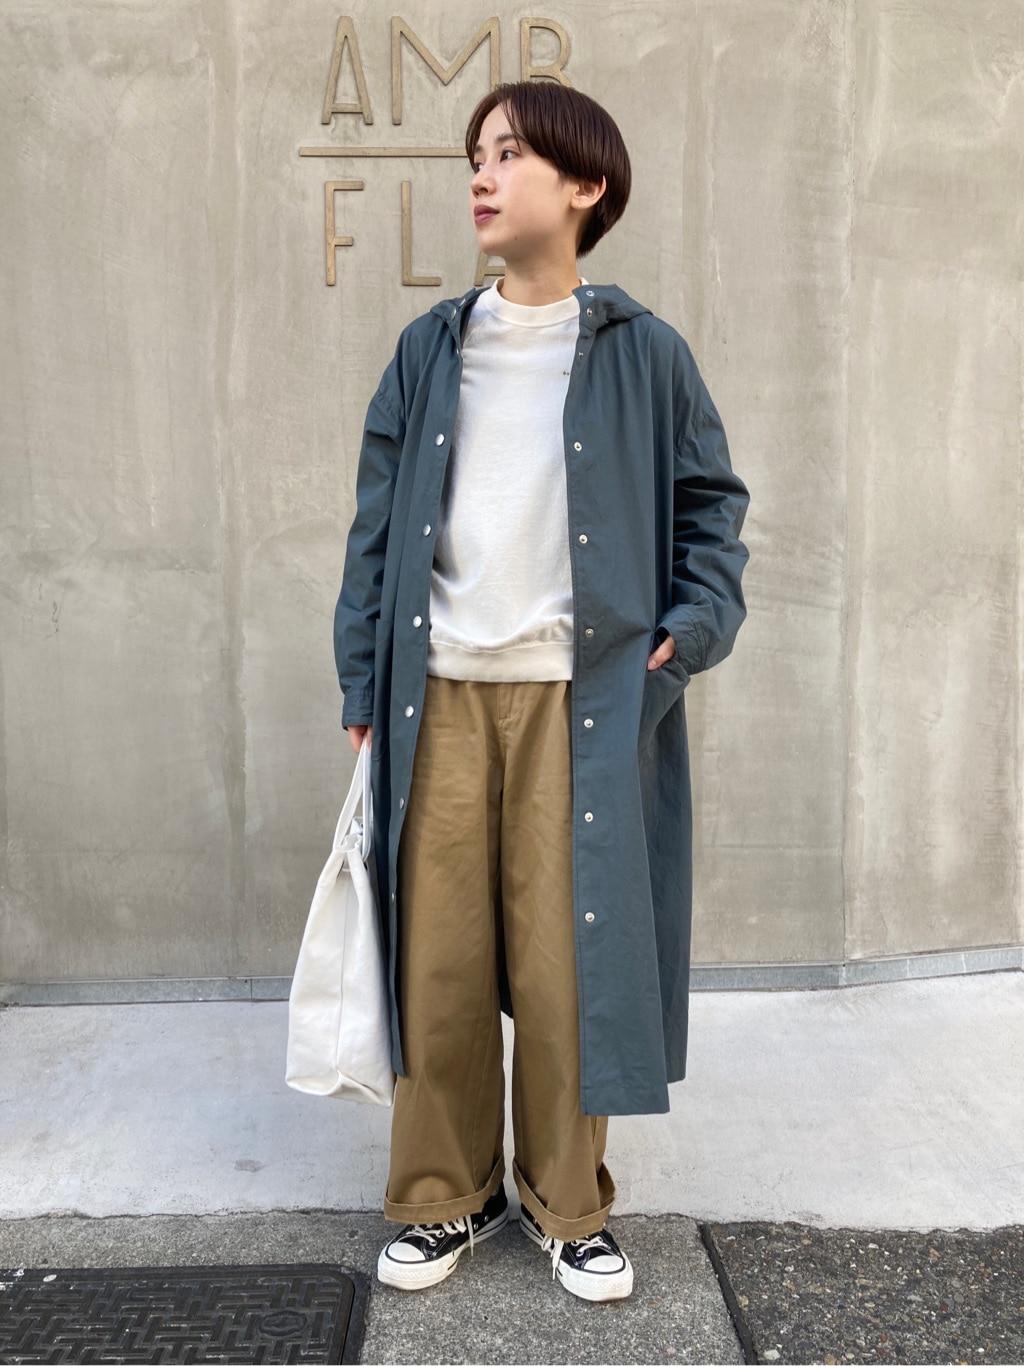 - PAR ICI FLAT AMB 名古屋栄路面 身長:156cm 2021.01.29